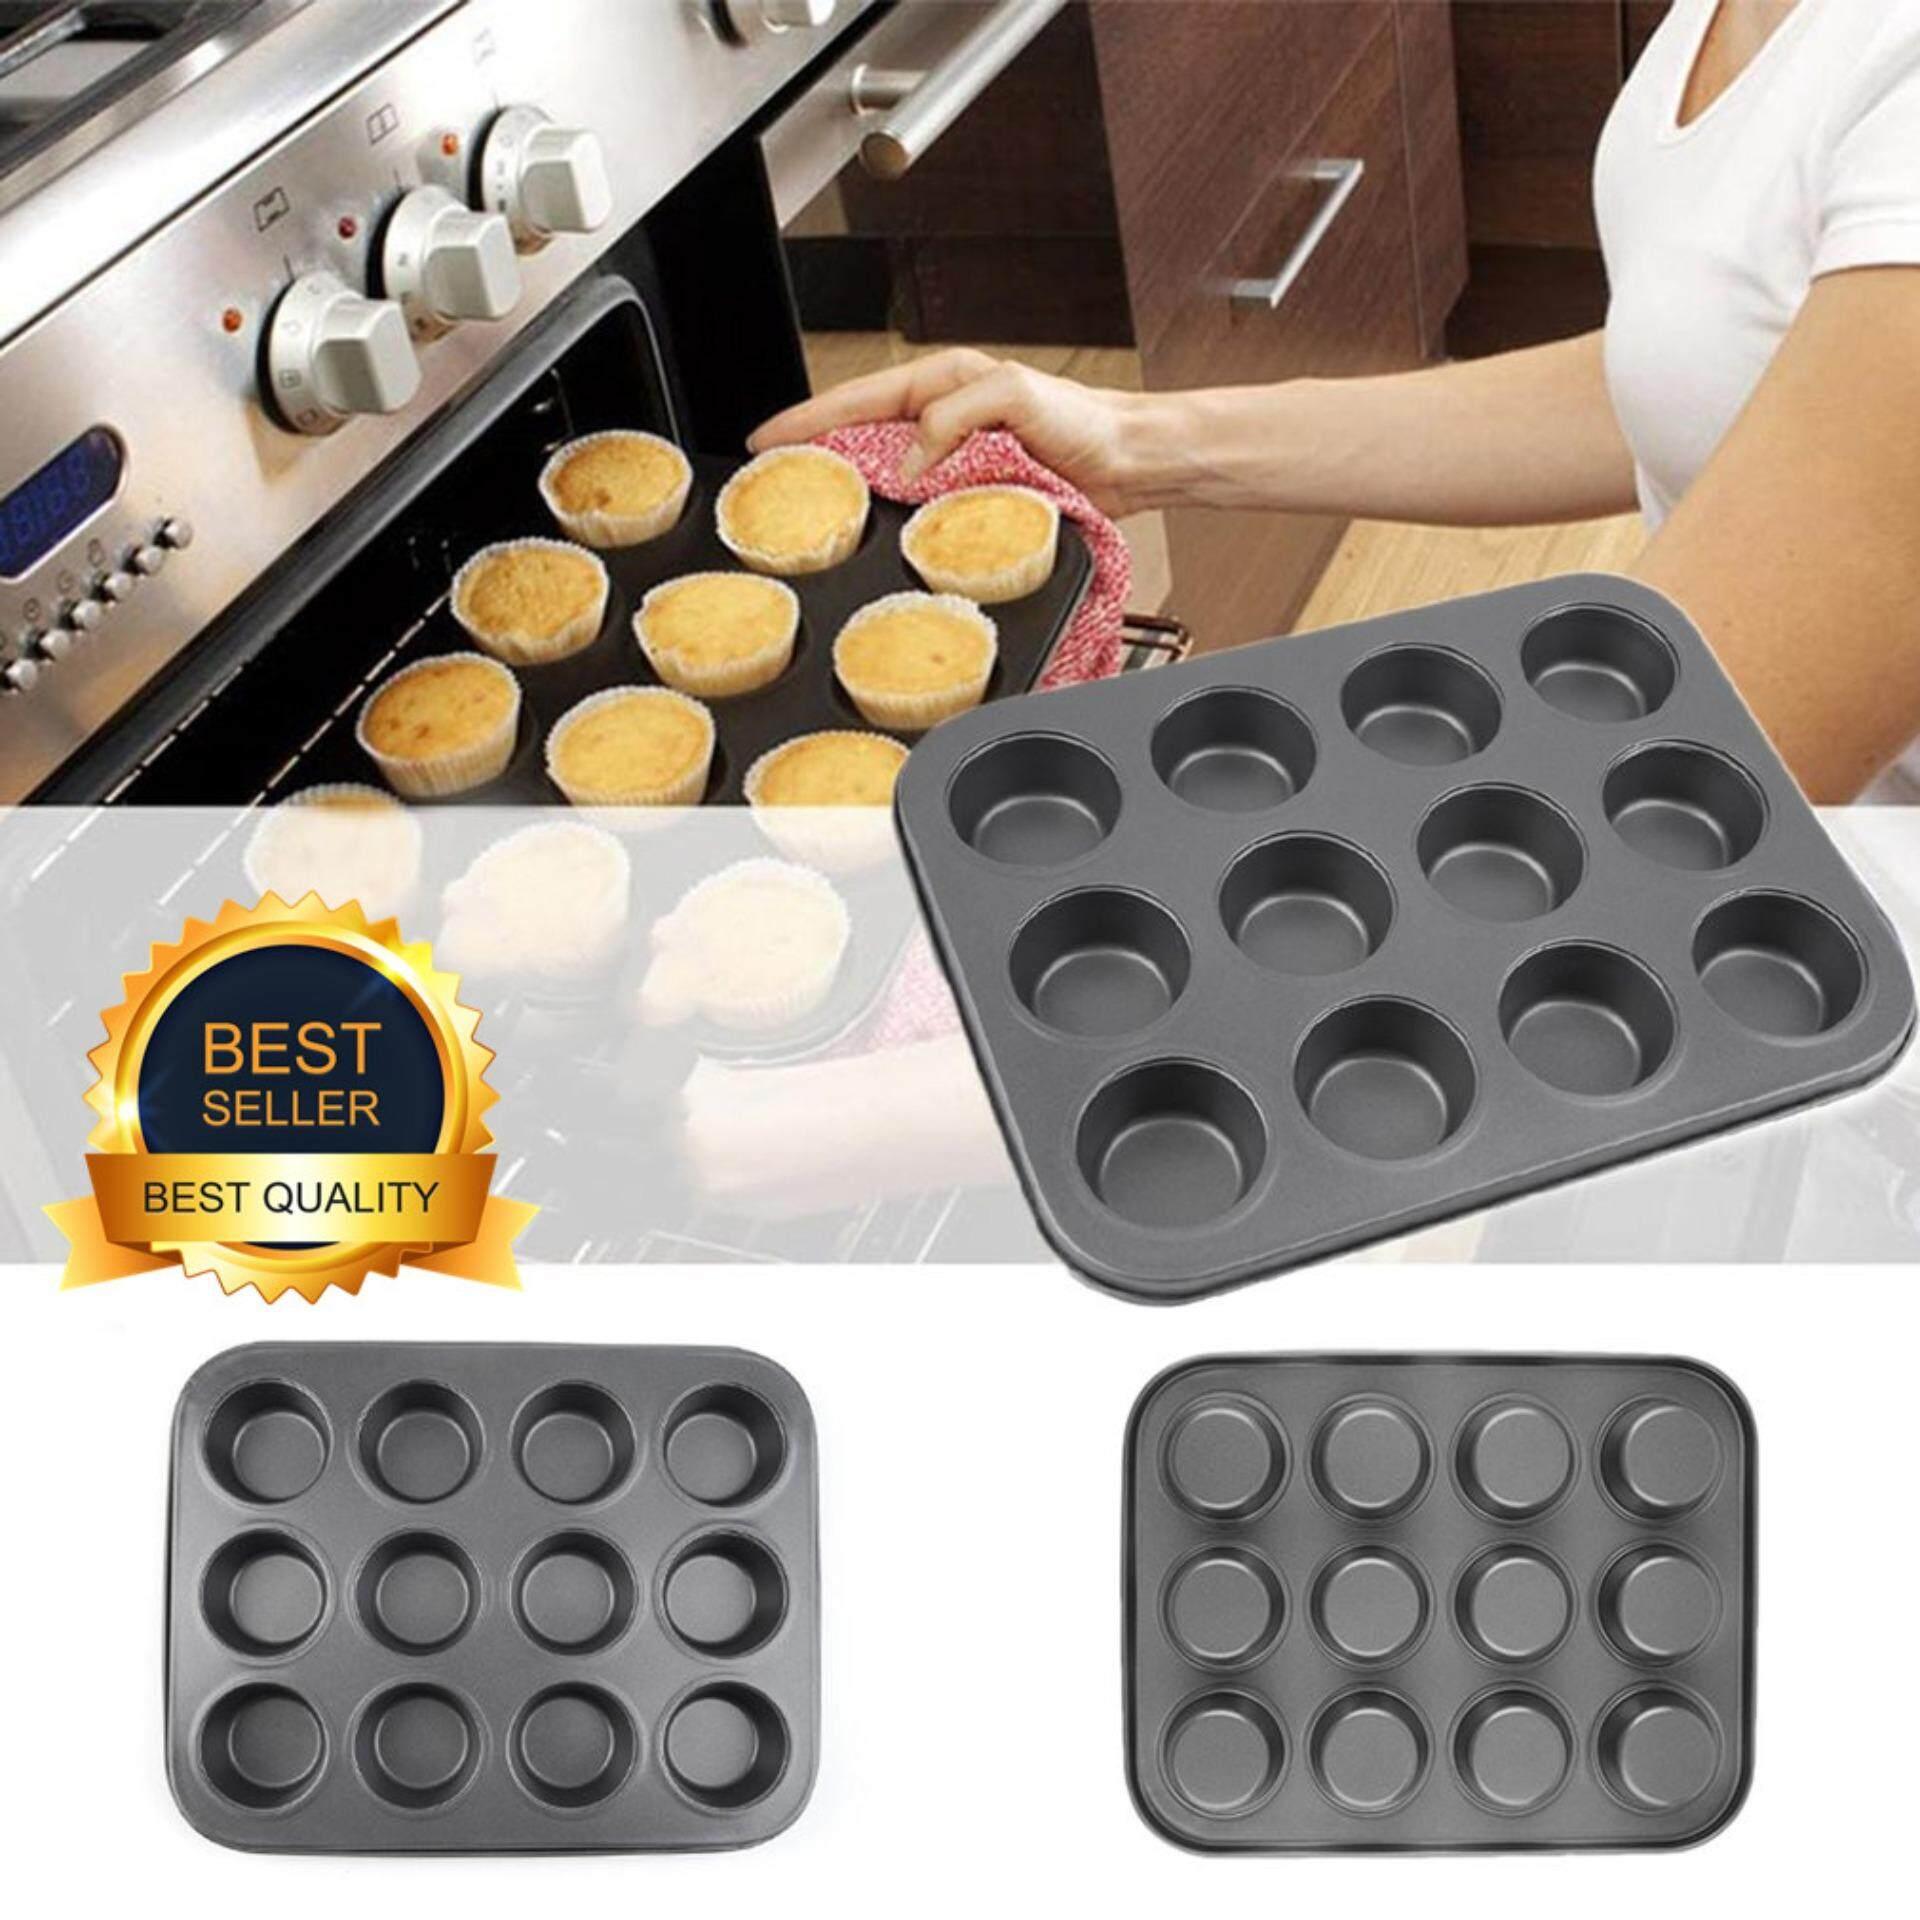 12 ถ้วย Muffin Bun Cupcake อุปกรณ์อบอาหารแม่พิมพ์ถาด Pan Kitchen - Intl By Legendseller.